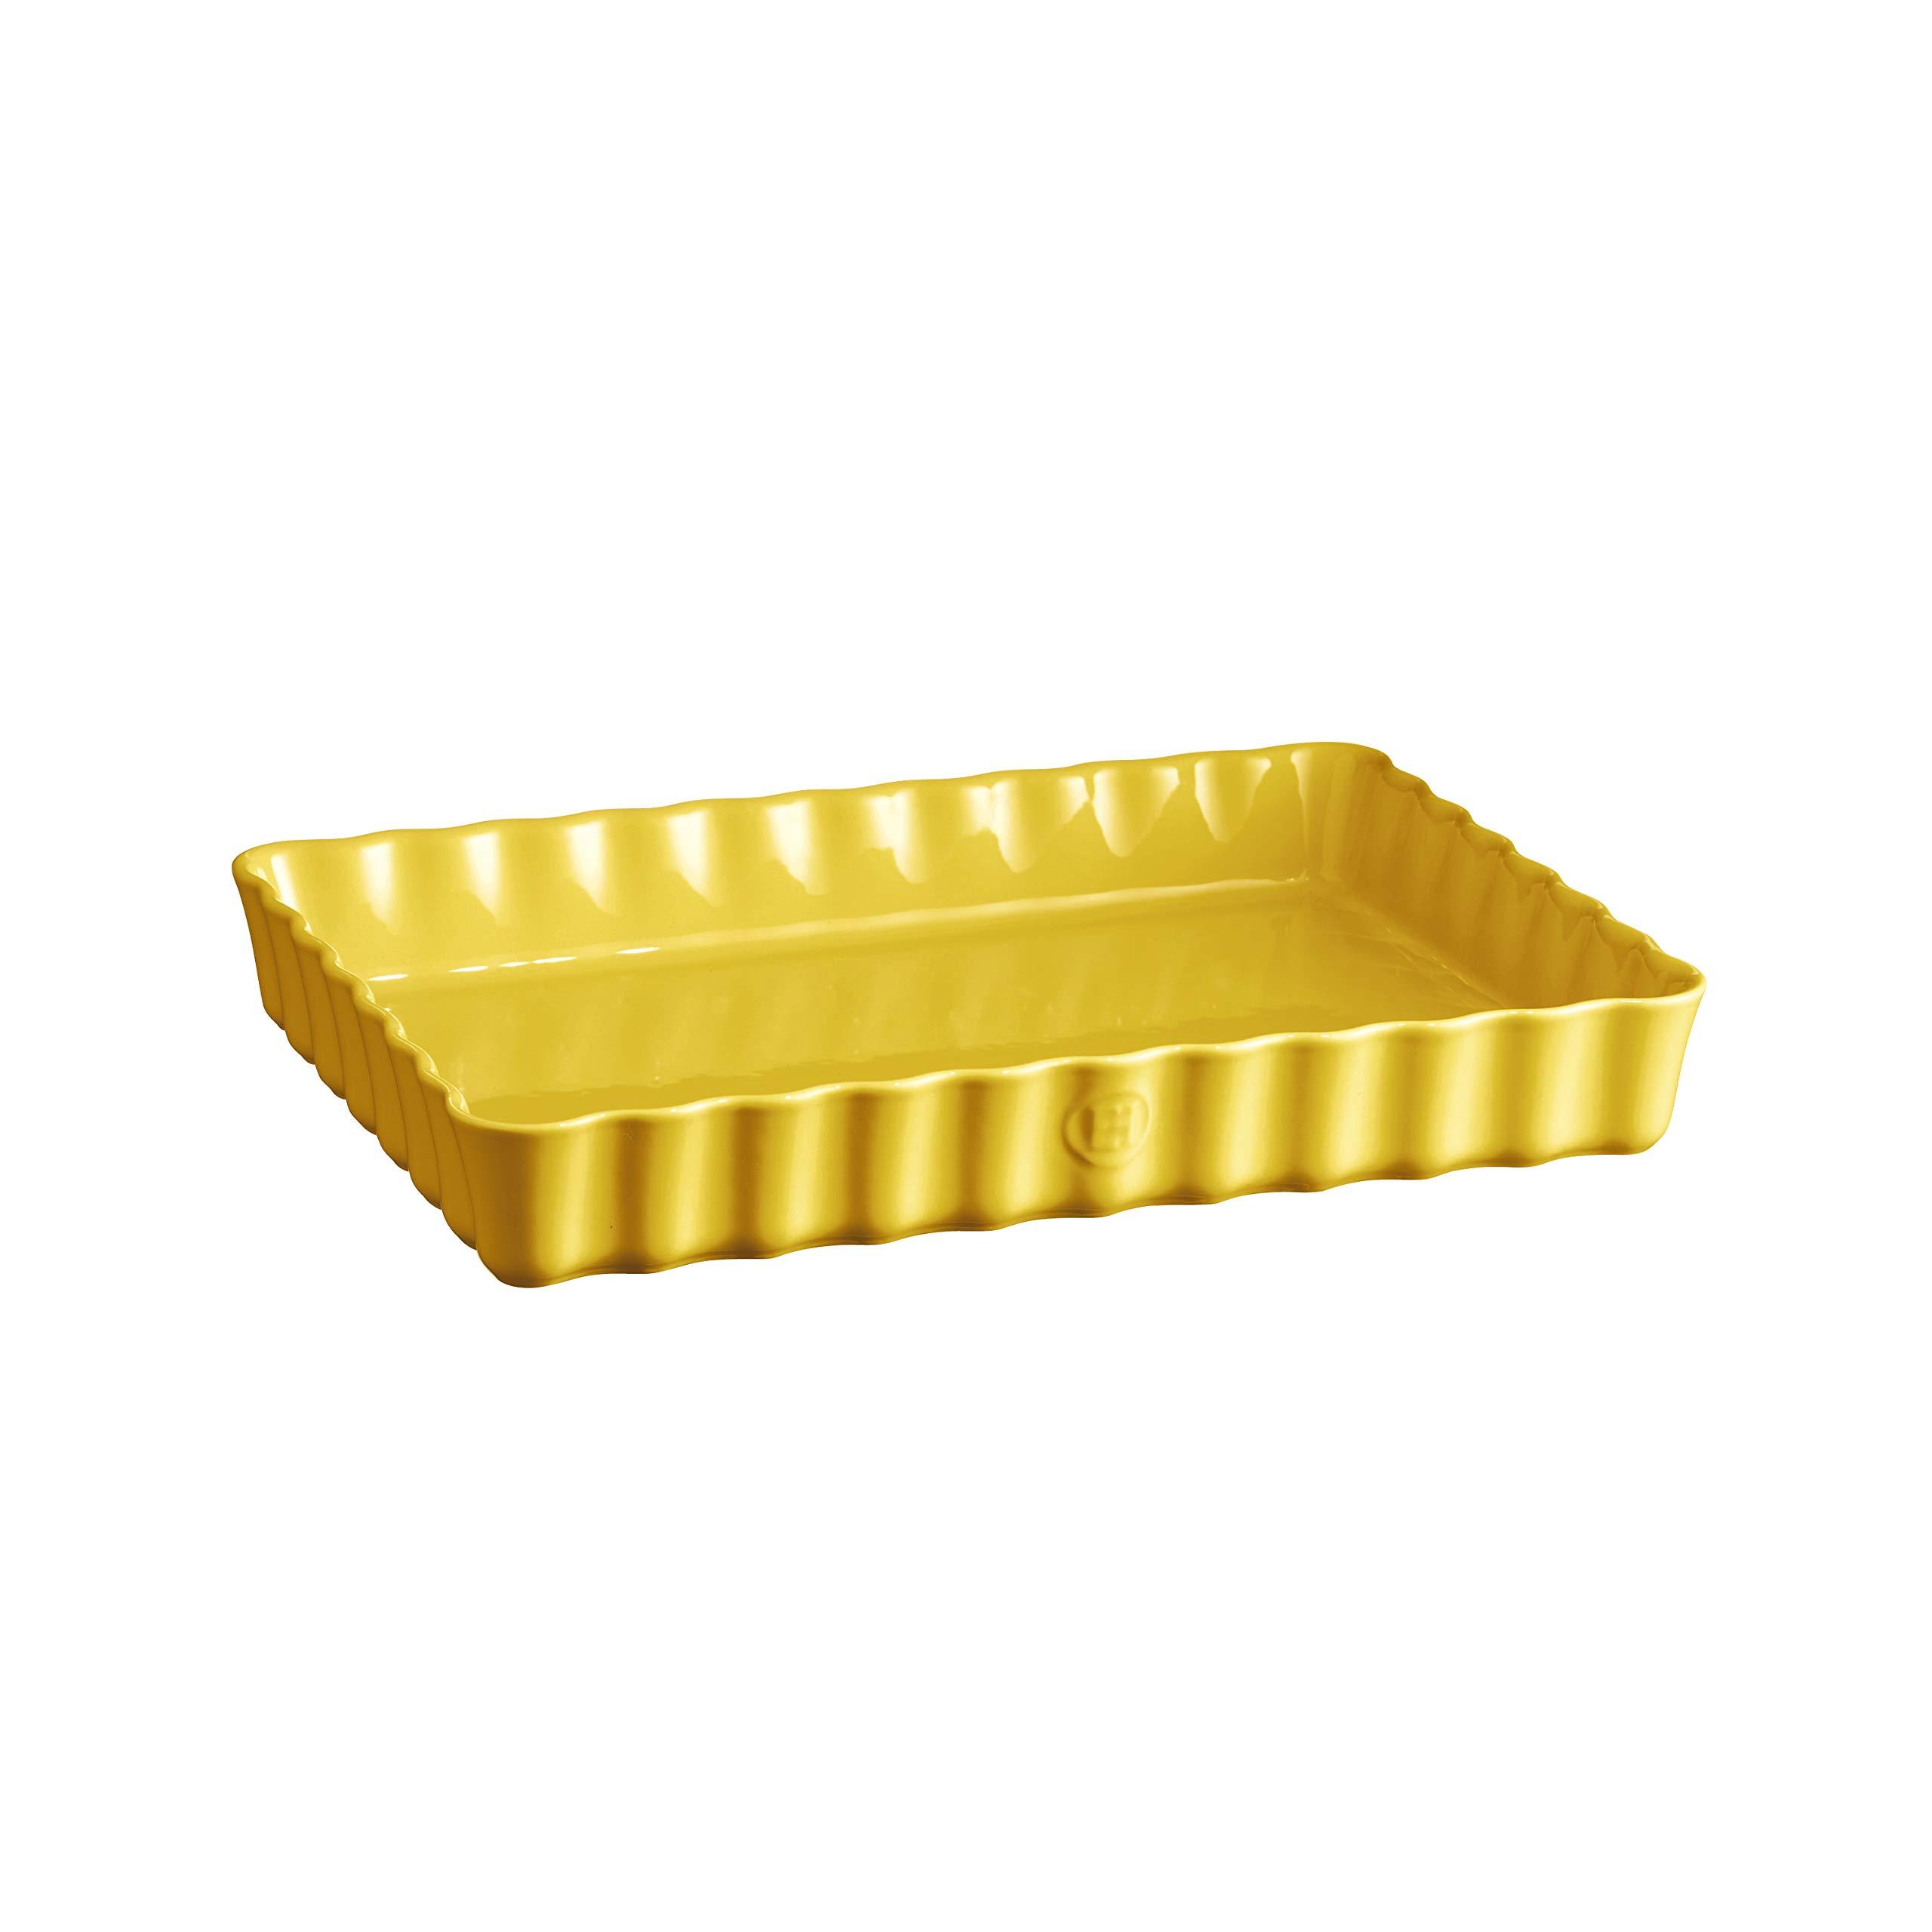 Emile Henry 906038 Large, Provence Yellow Rectangular Tart Dish, 2.5 qt, by Emile Henry